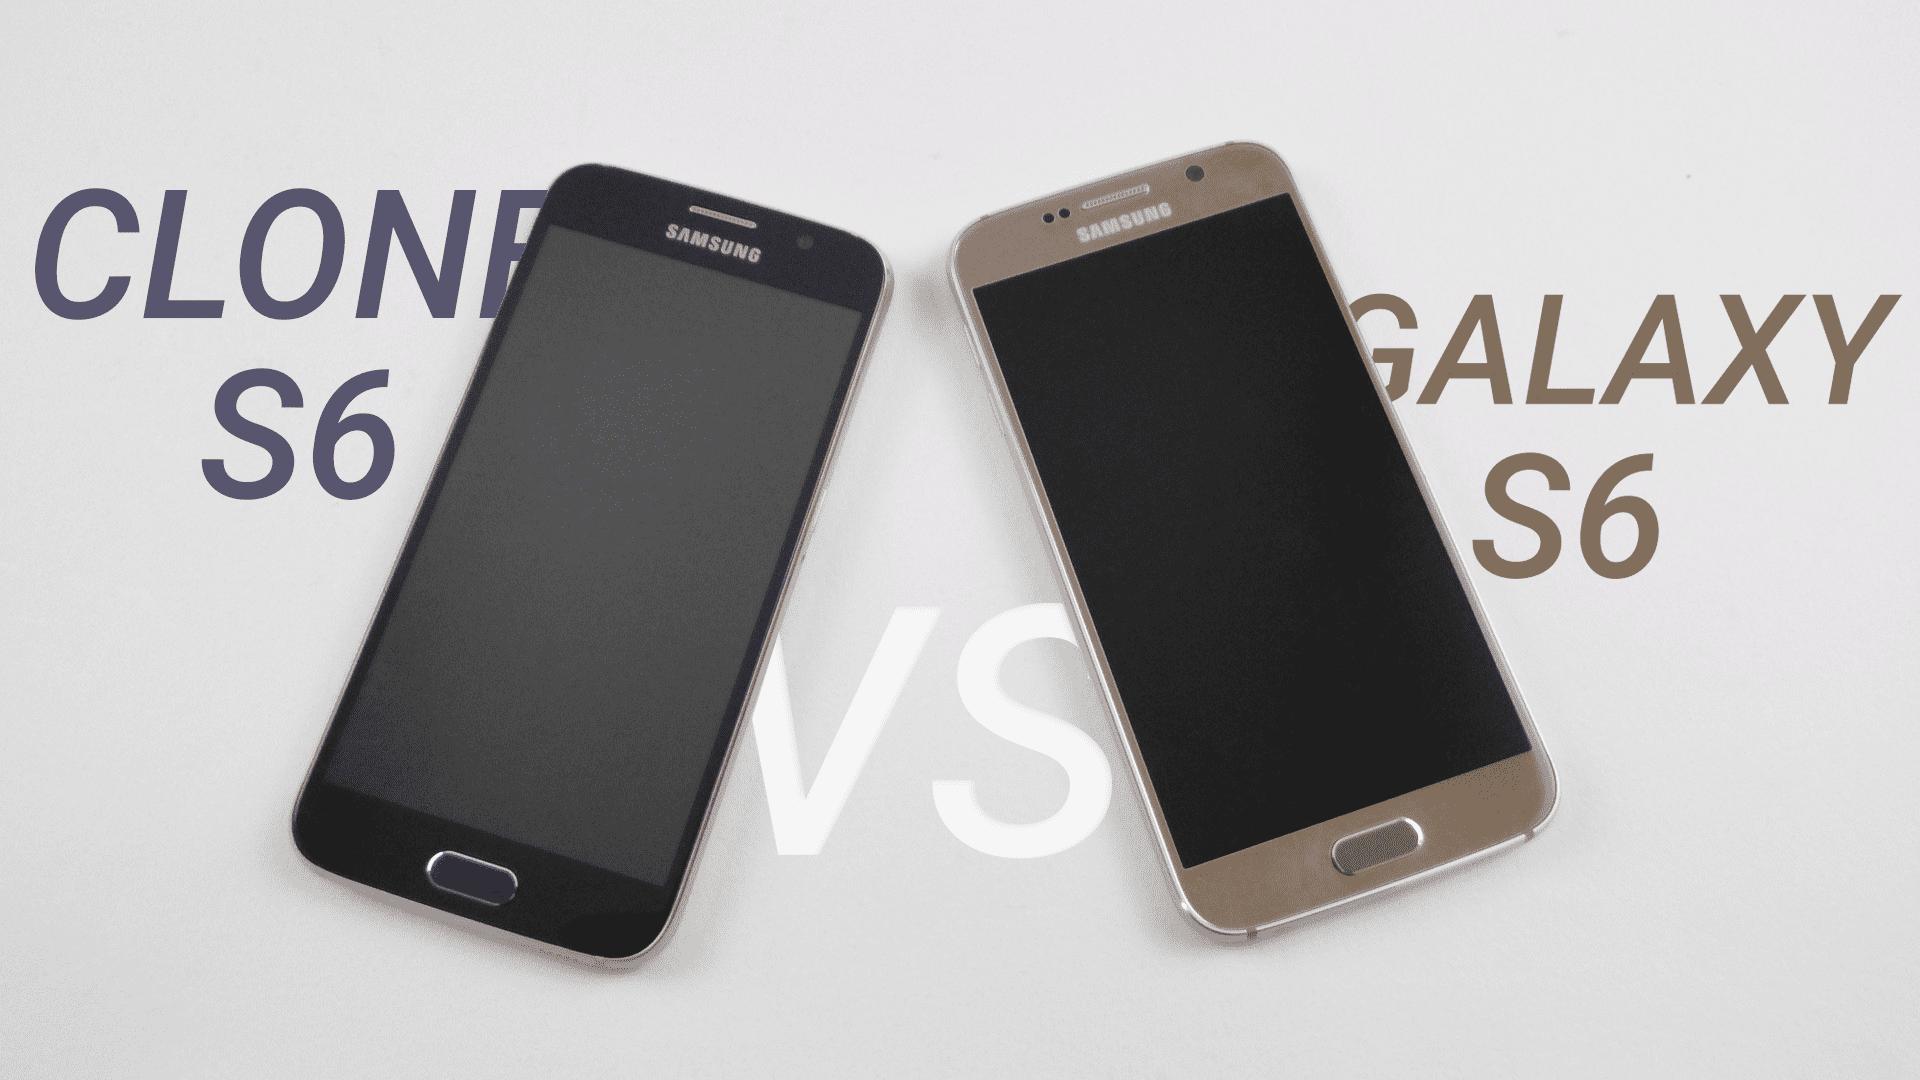 Clon Galaxy S6